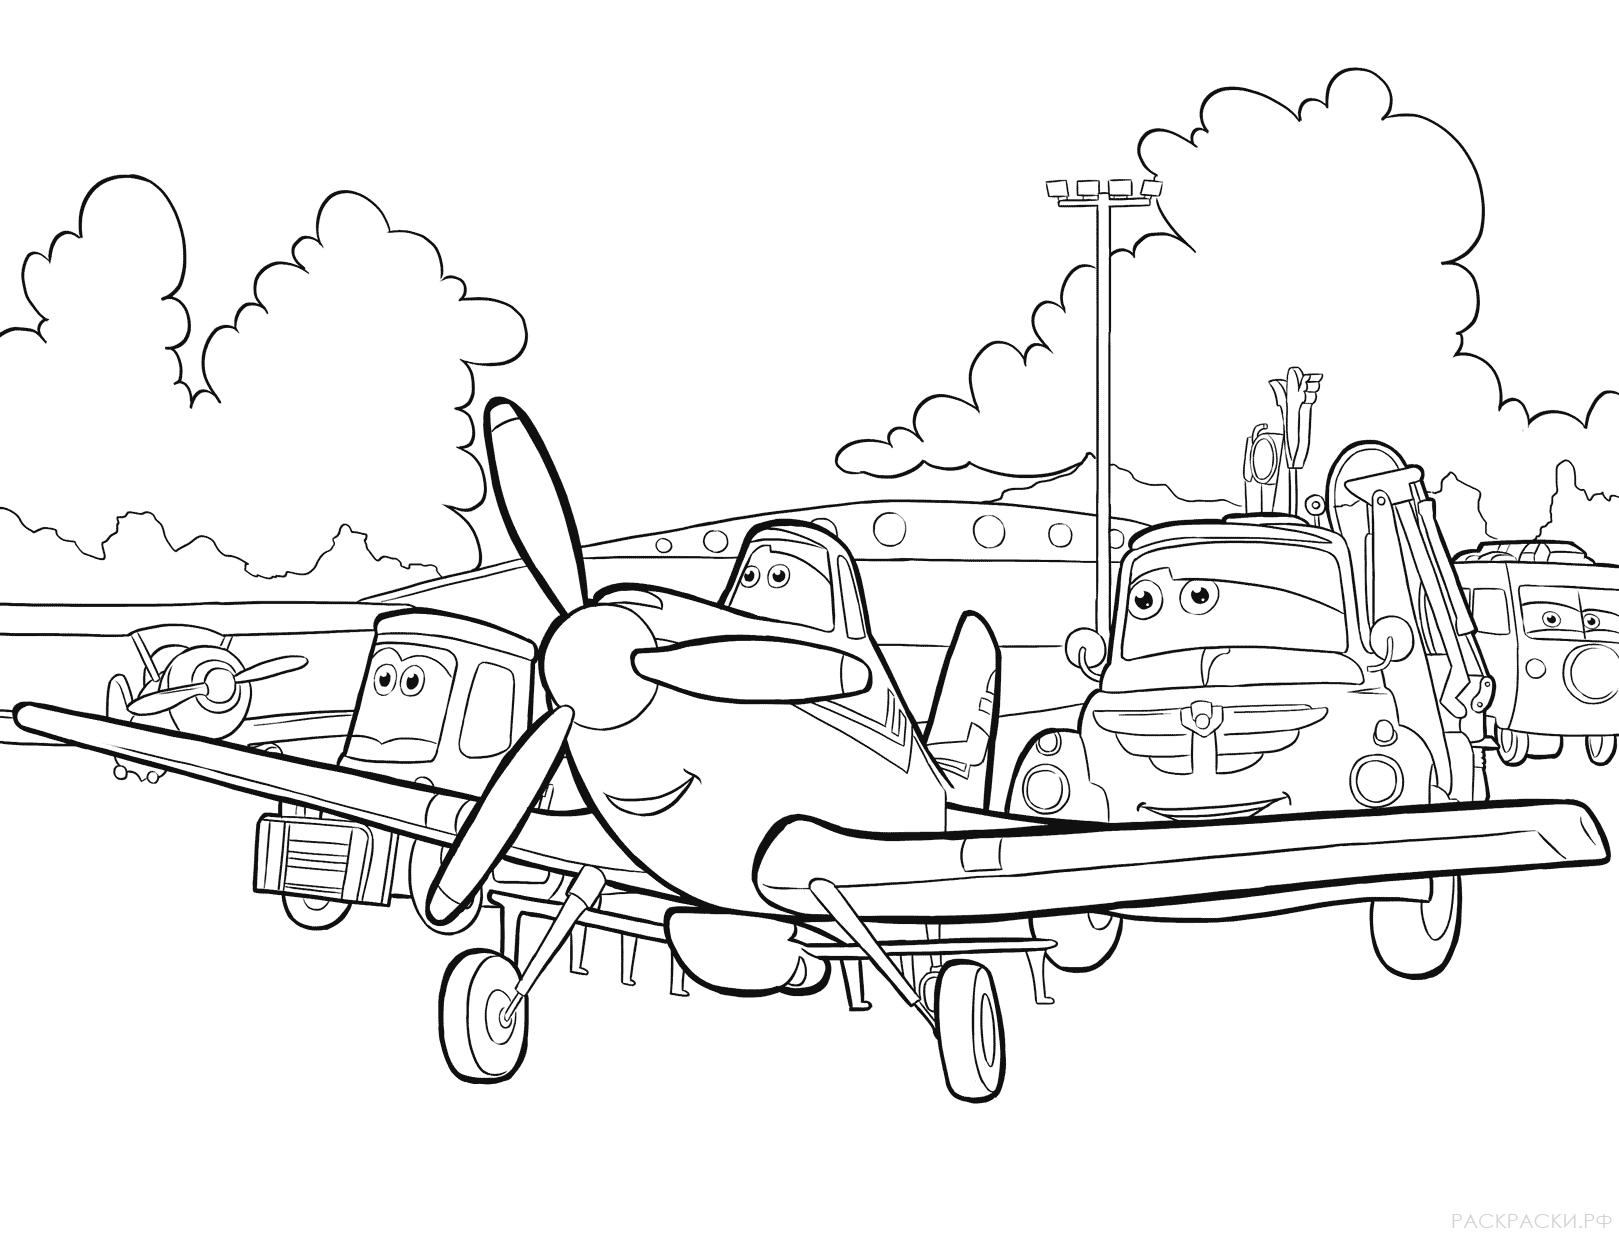 раскраска дисней самолёт дасти и машины раскраски рф